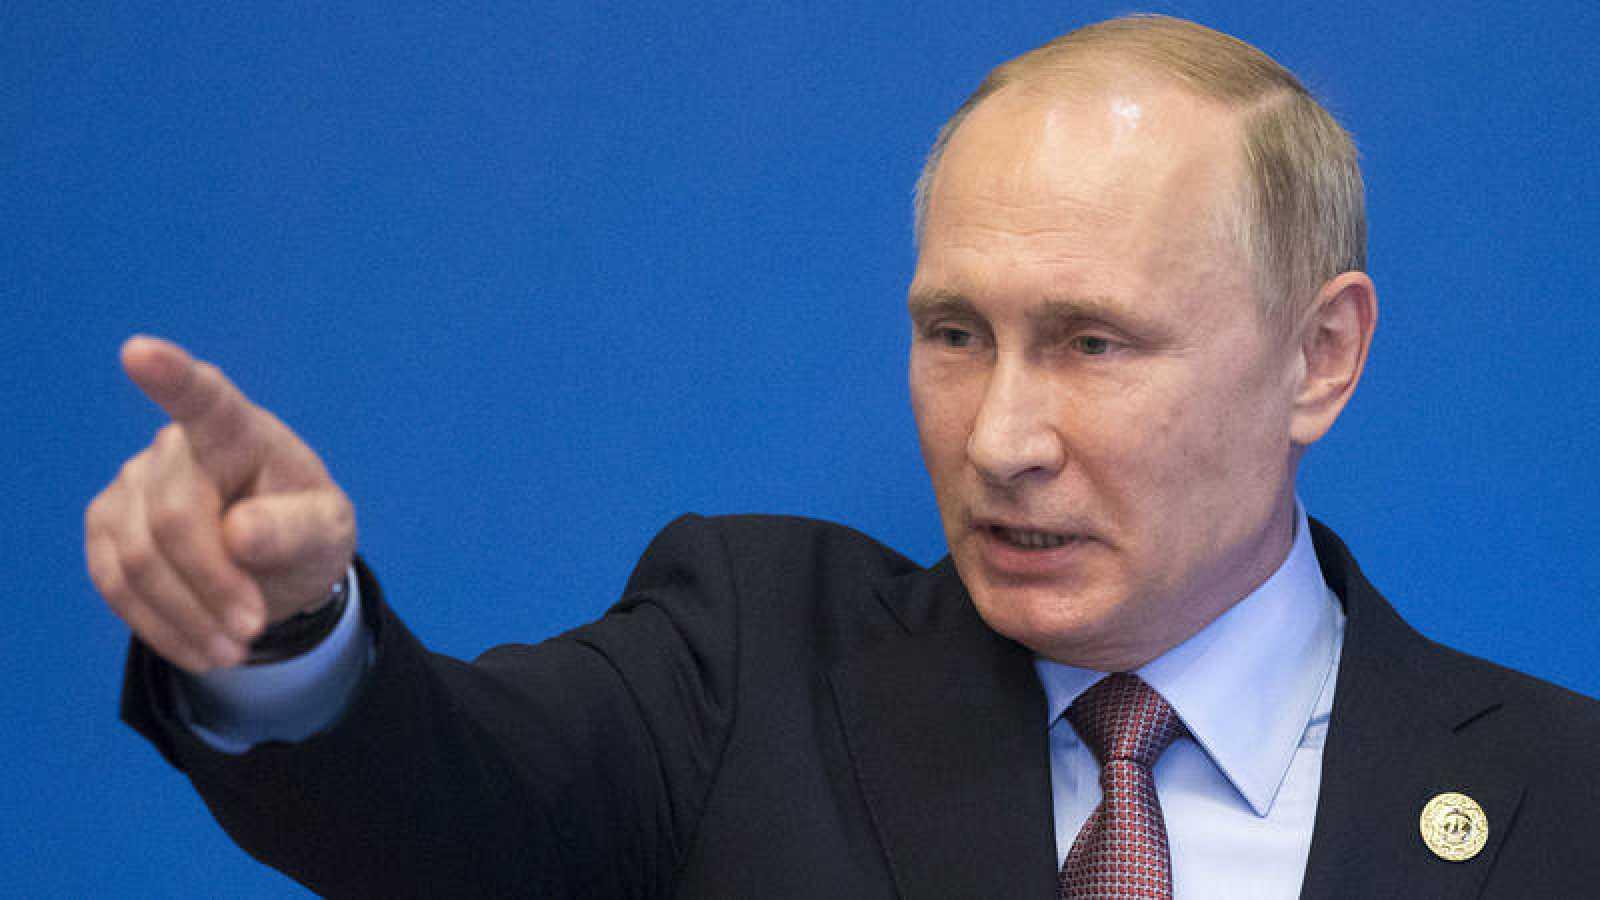 El presidente ruso, Vladimir Putin, durante el foro económico y comercial sobre la Nueva ruta de la Seda en Pekín (China).